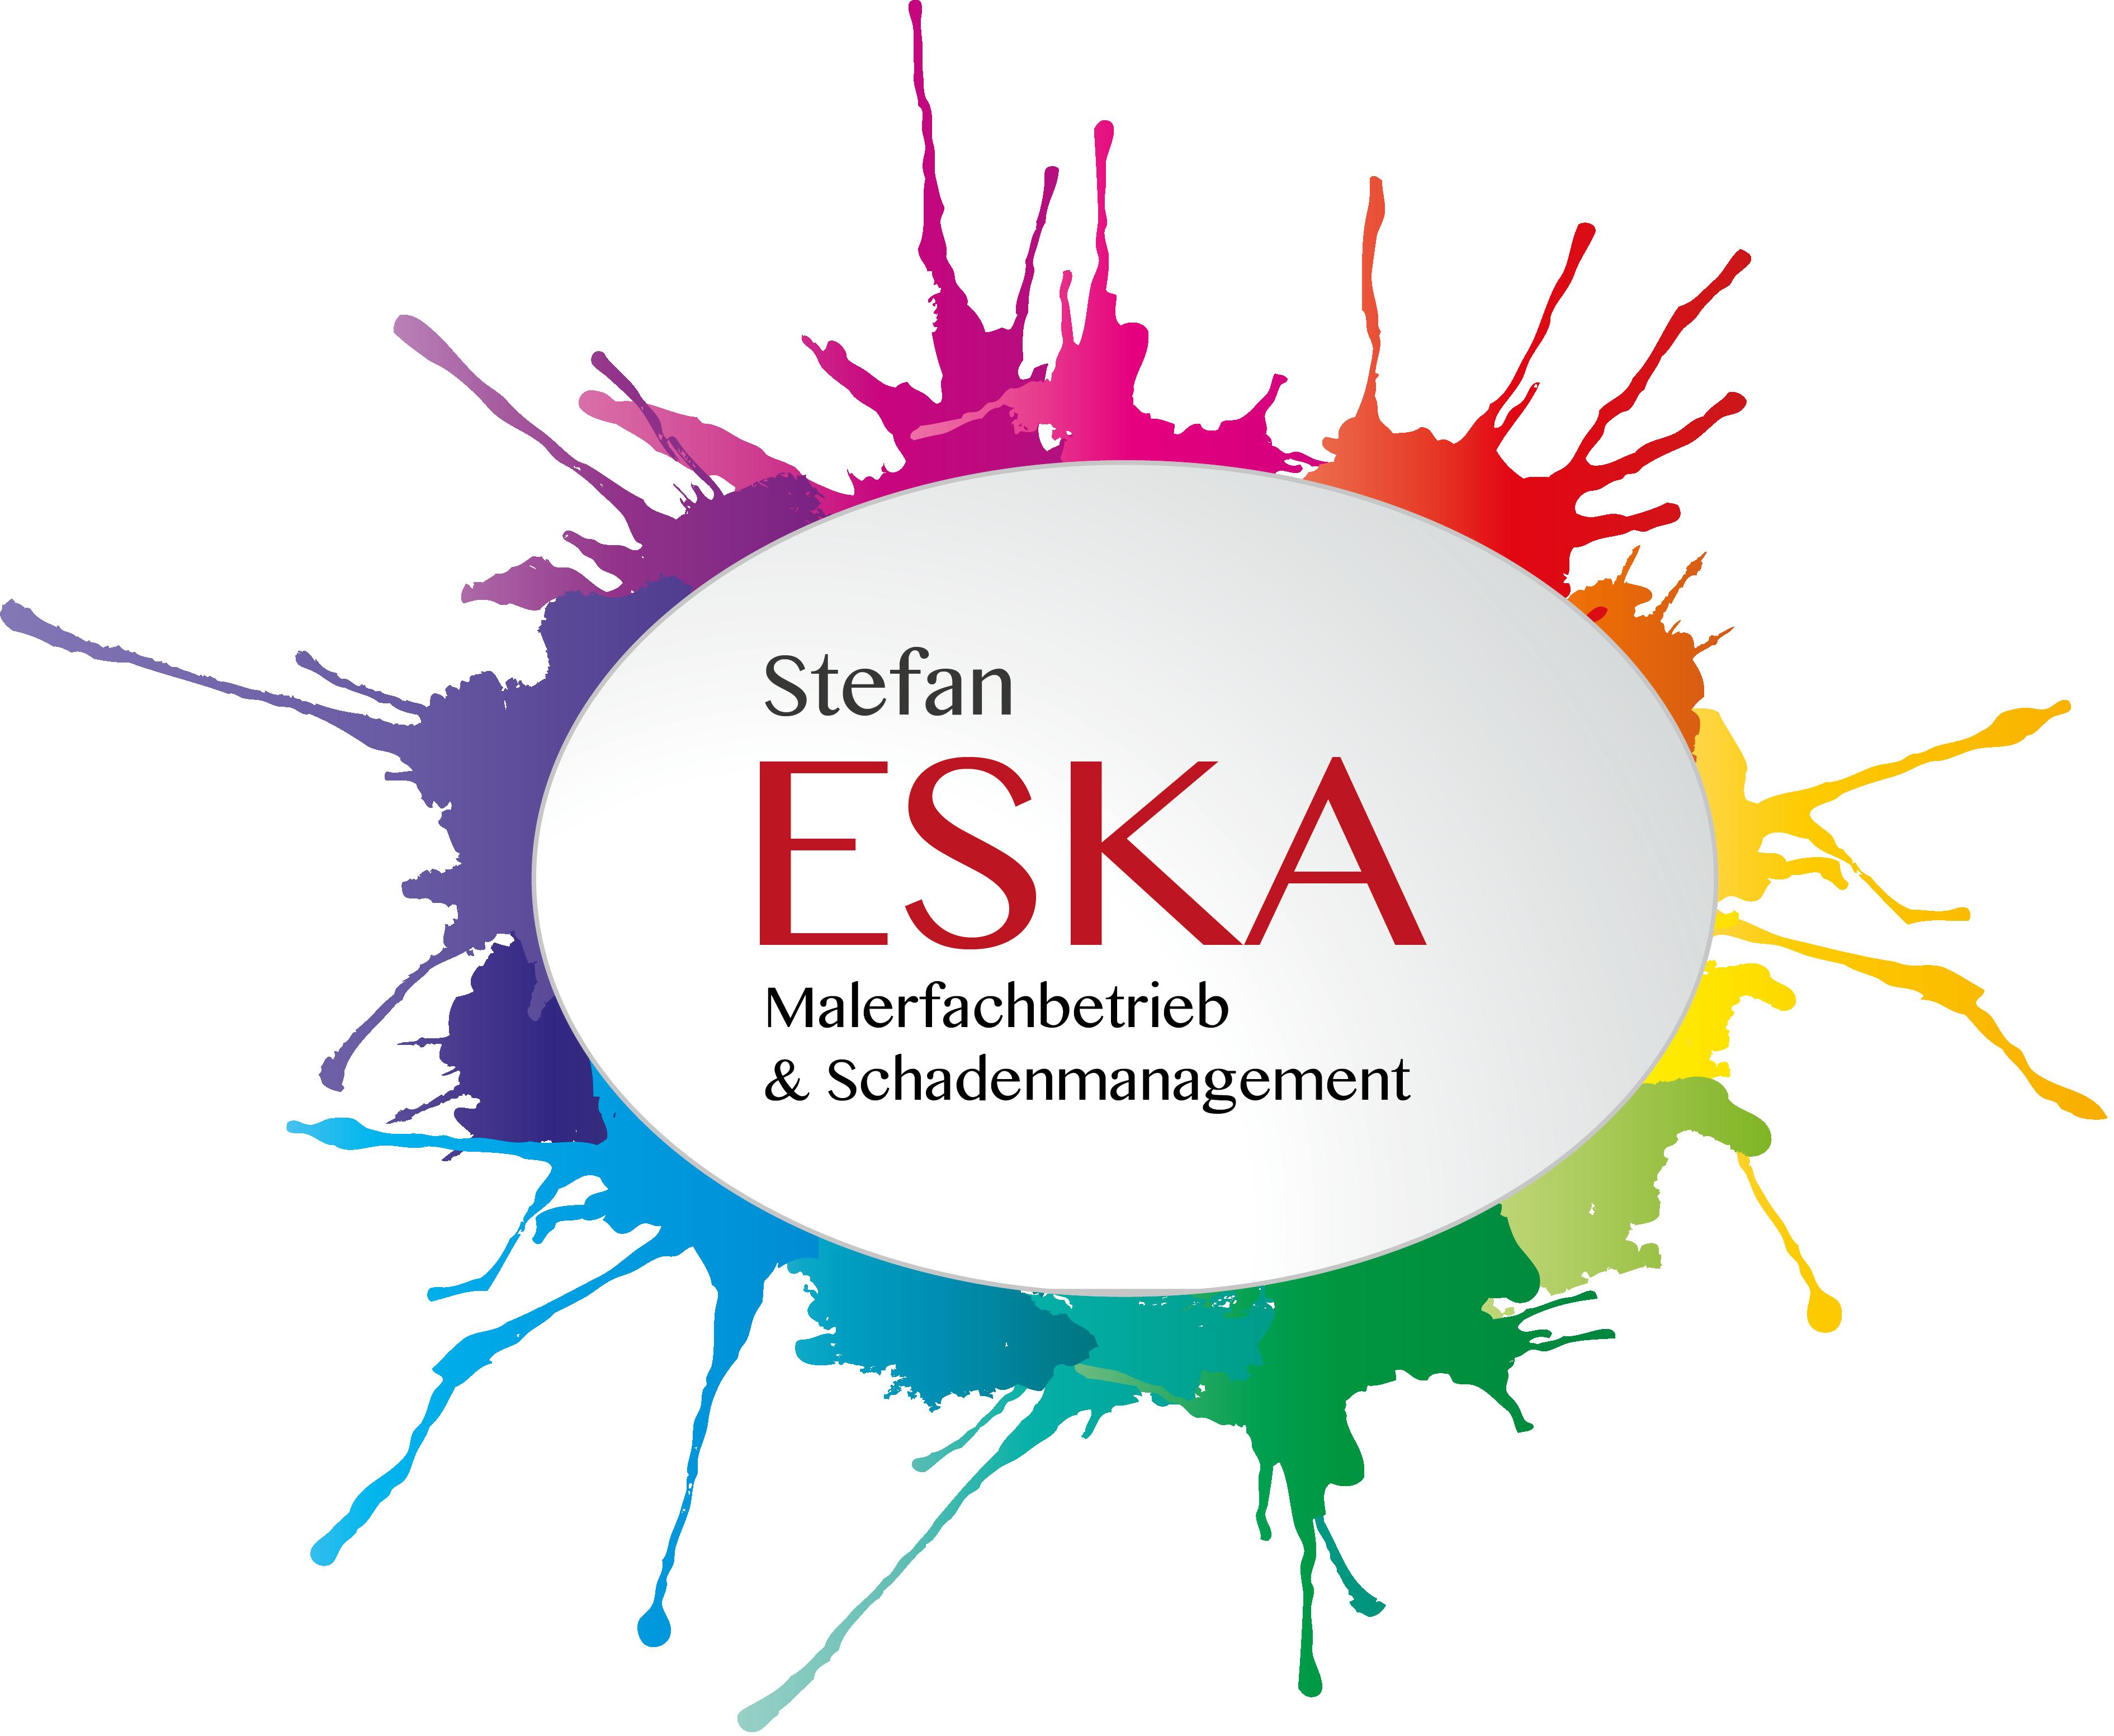 Stefan Eska Malerfachbetrieb & Schadenmanagement